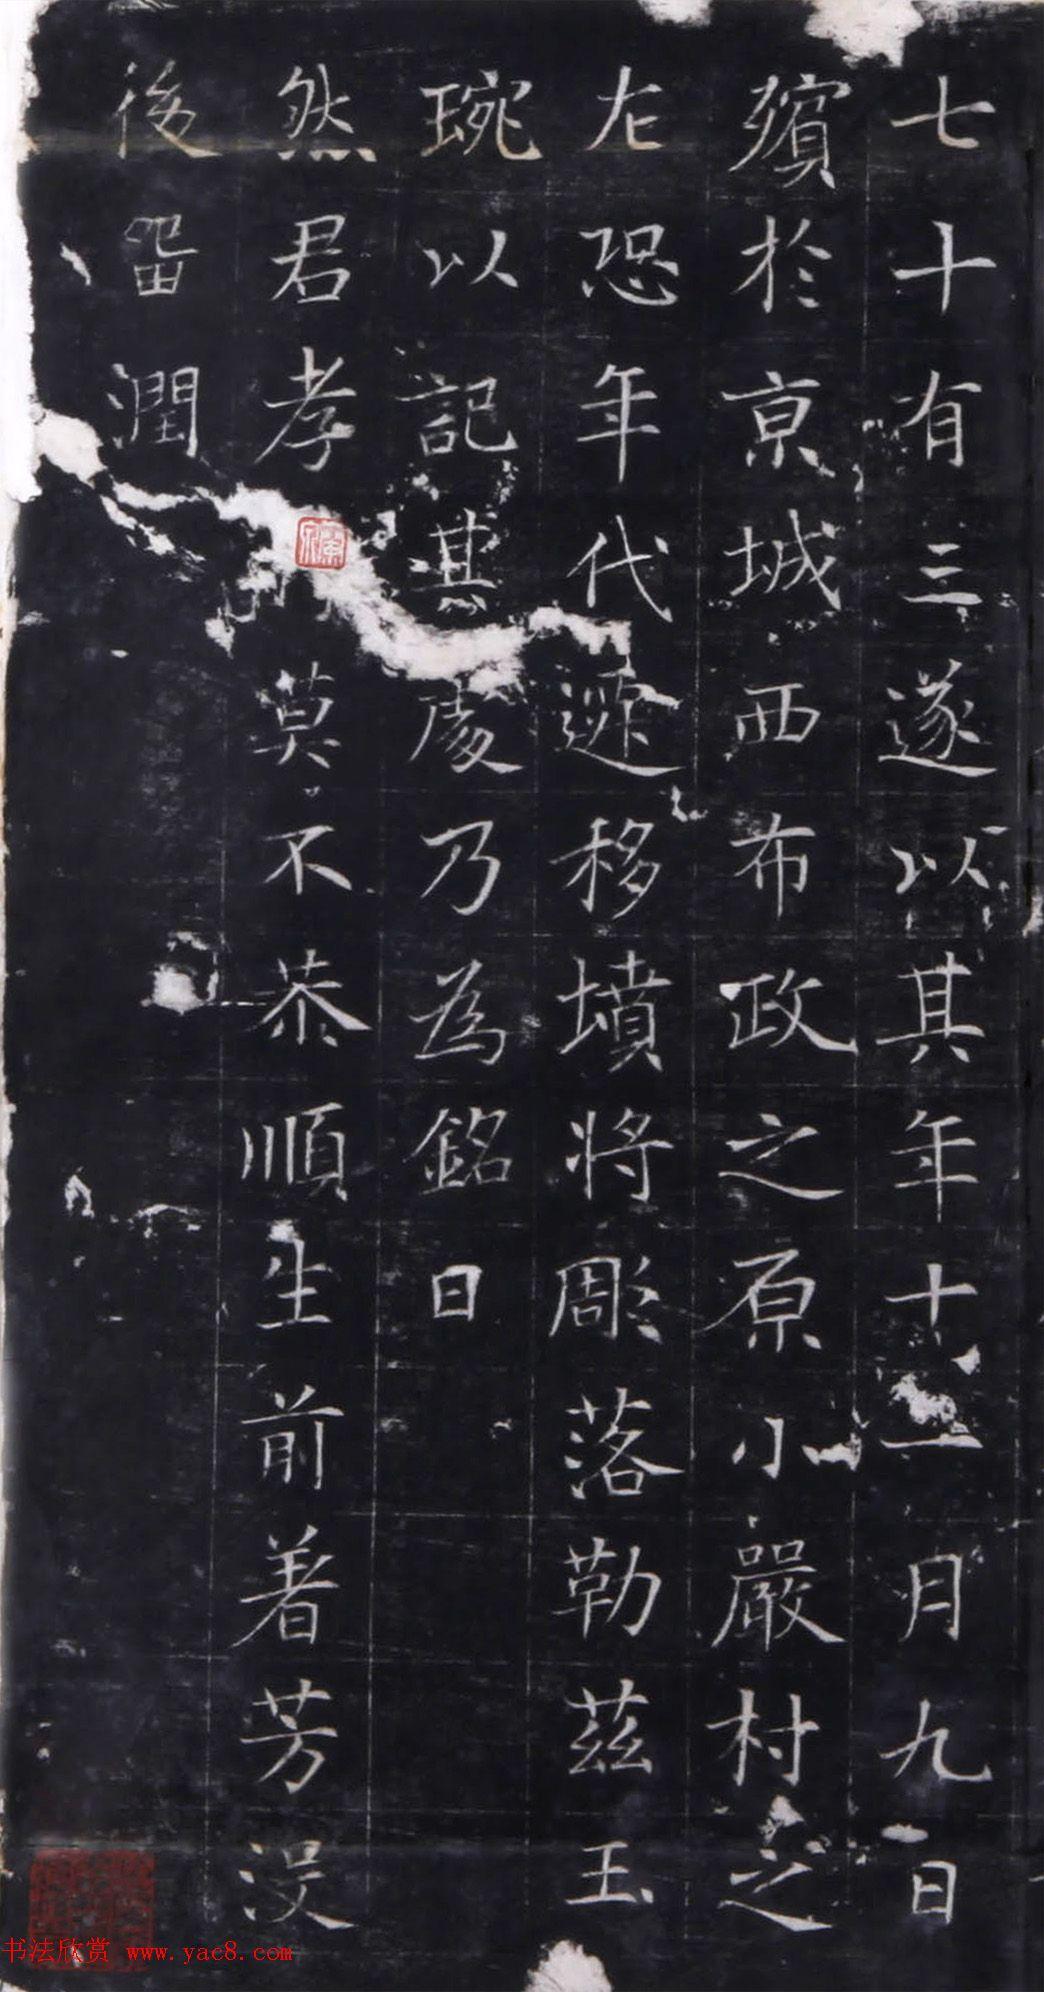 唐代楷书拓片《韩宝才墓志铭》